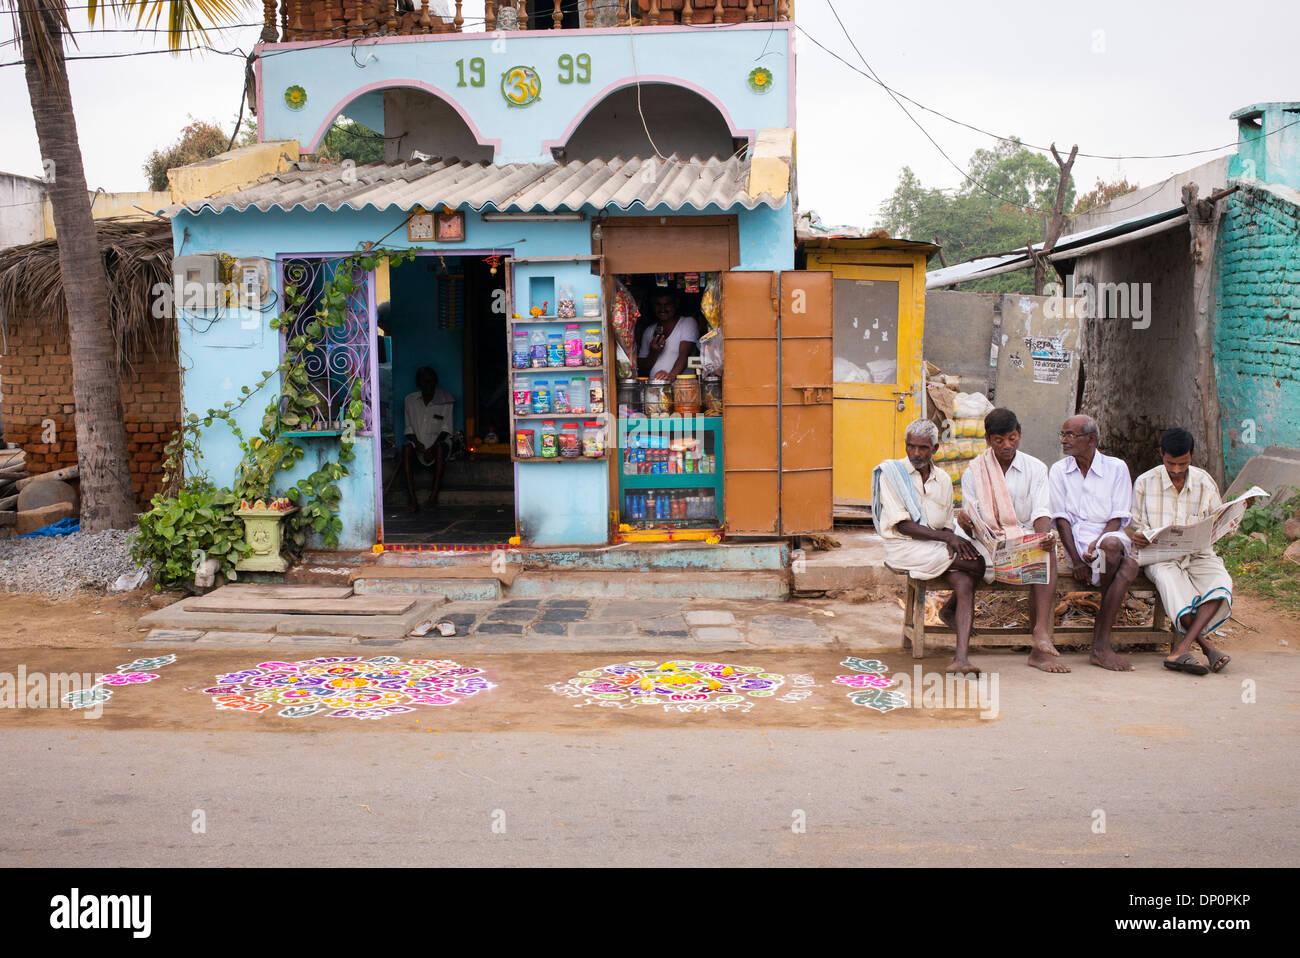 Rangoli festival di polvere colorata disegni al di fuori di una zona rurale villaggio indiano shop. Andhra Pradesh, India Immagini Stock